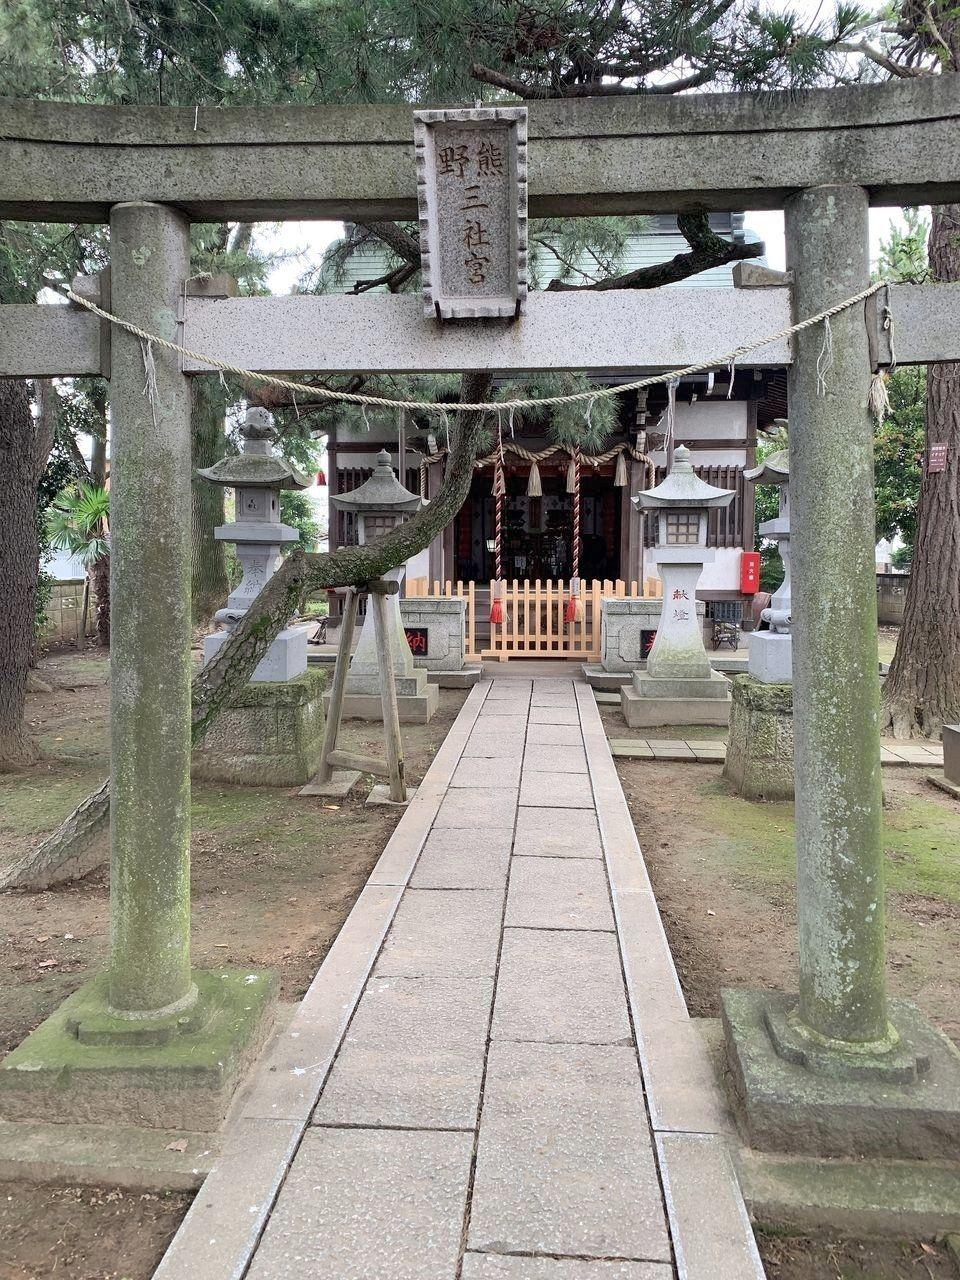 三郷市茂田井熊野神社の初午祭(はつうまさい)のご紹介